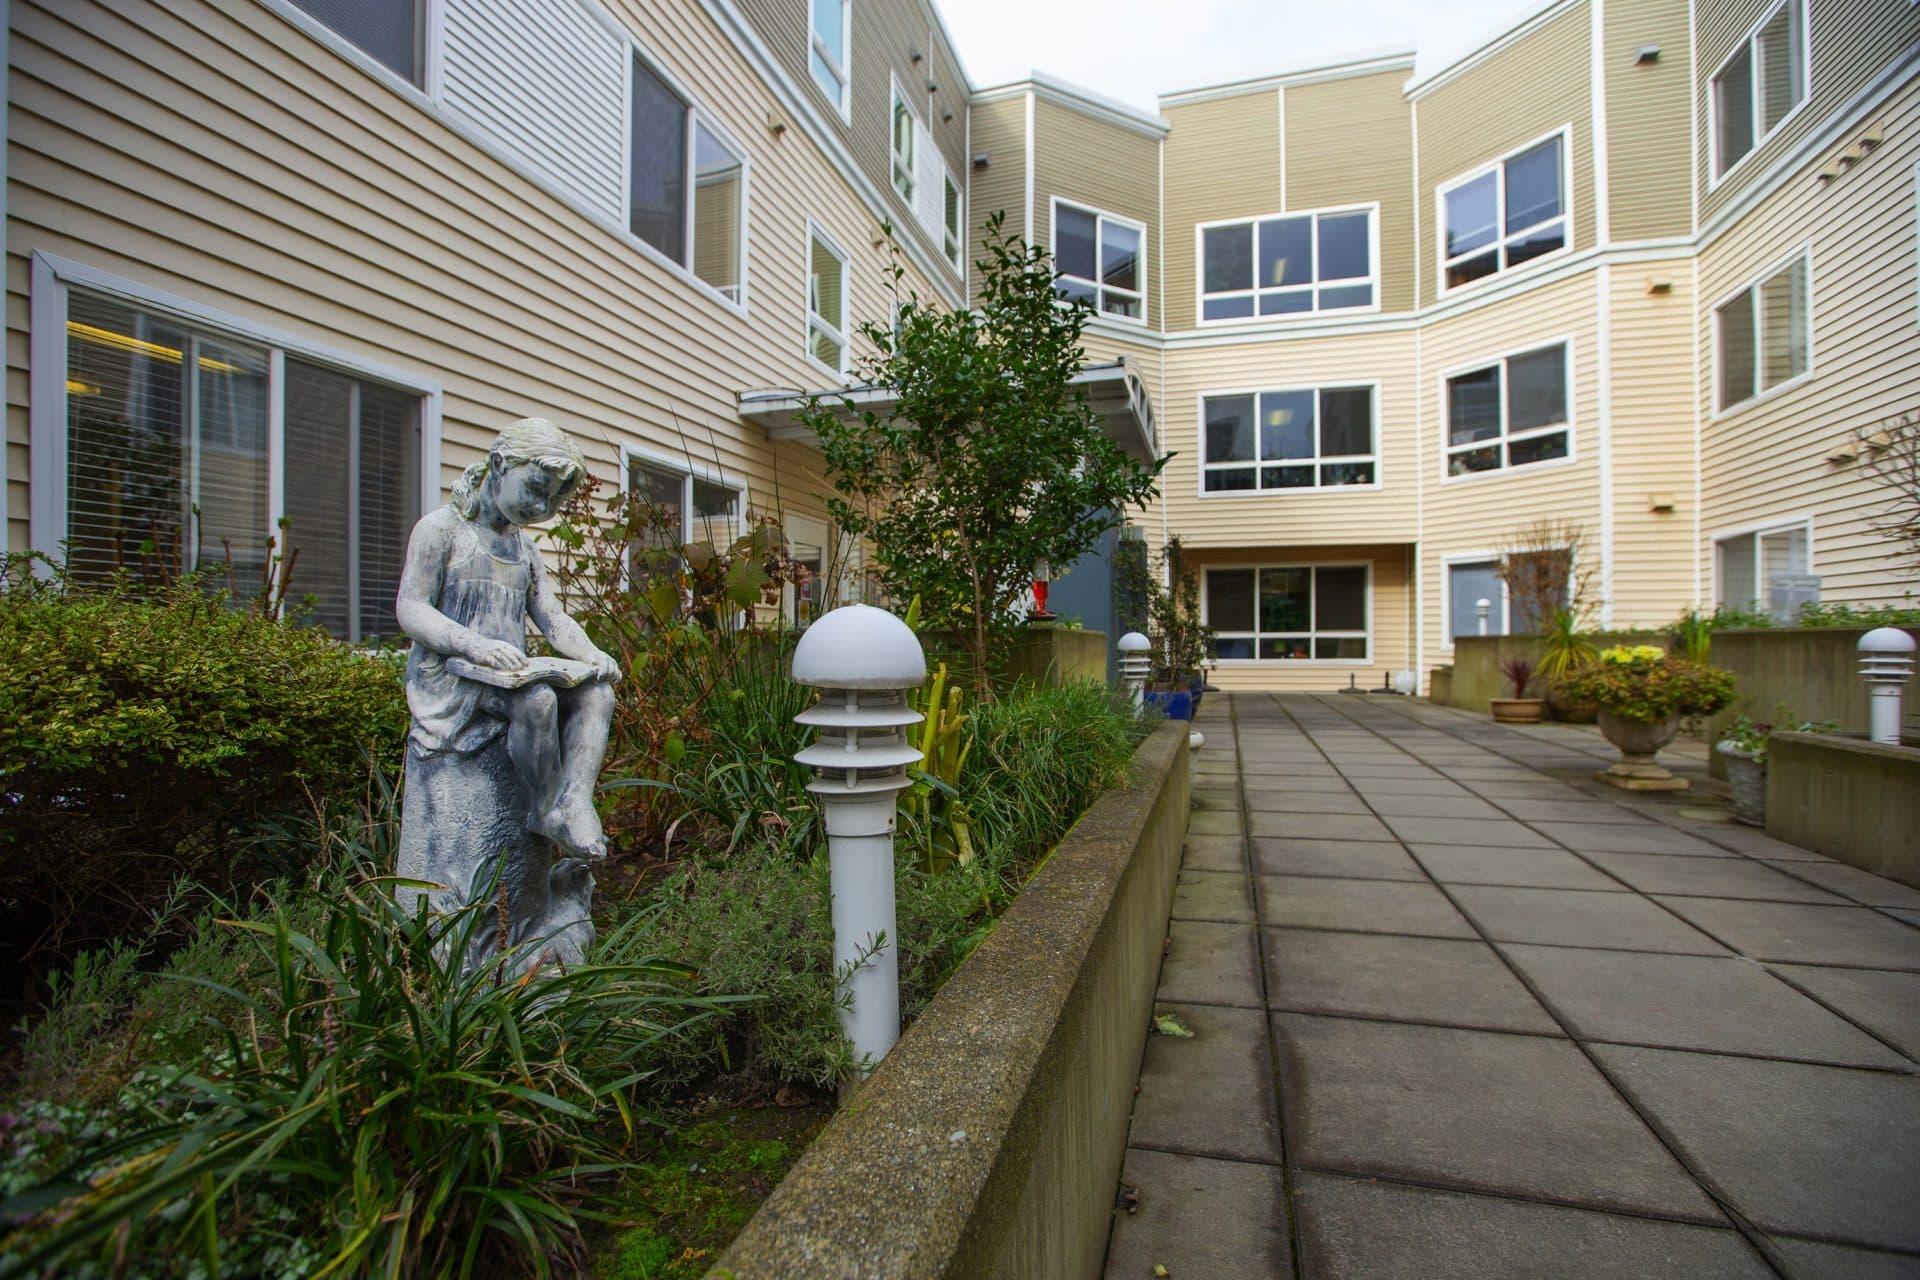 Ashwood Court es un complejo de viviendas de bajos ingresos para personas mayores en el centro de Bellevue, Washington (Mike Siegel para WBUR)